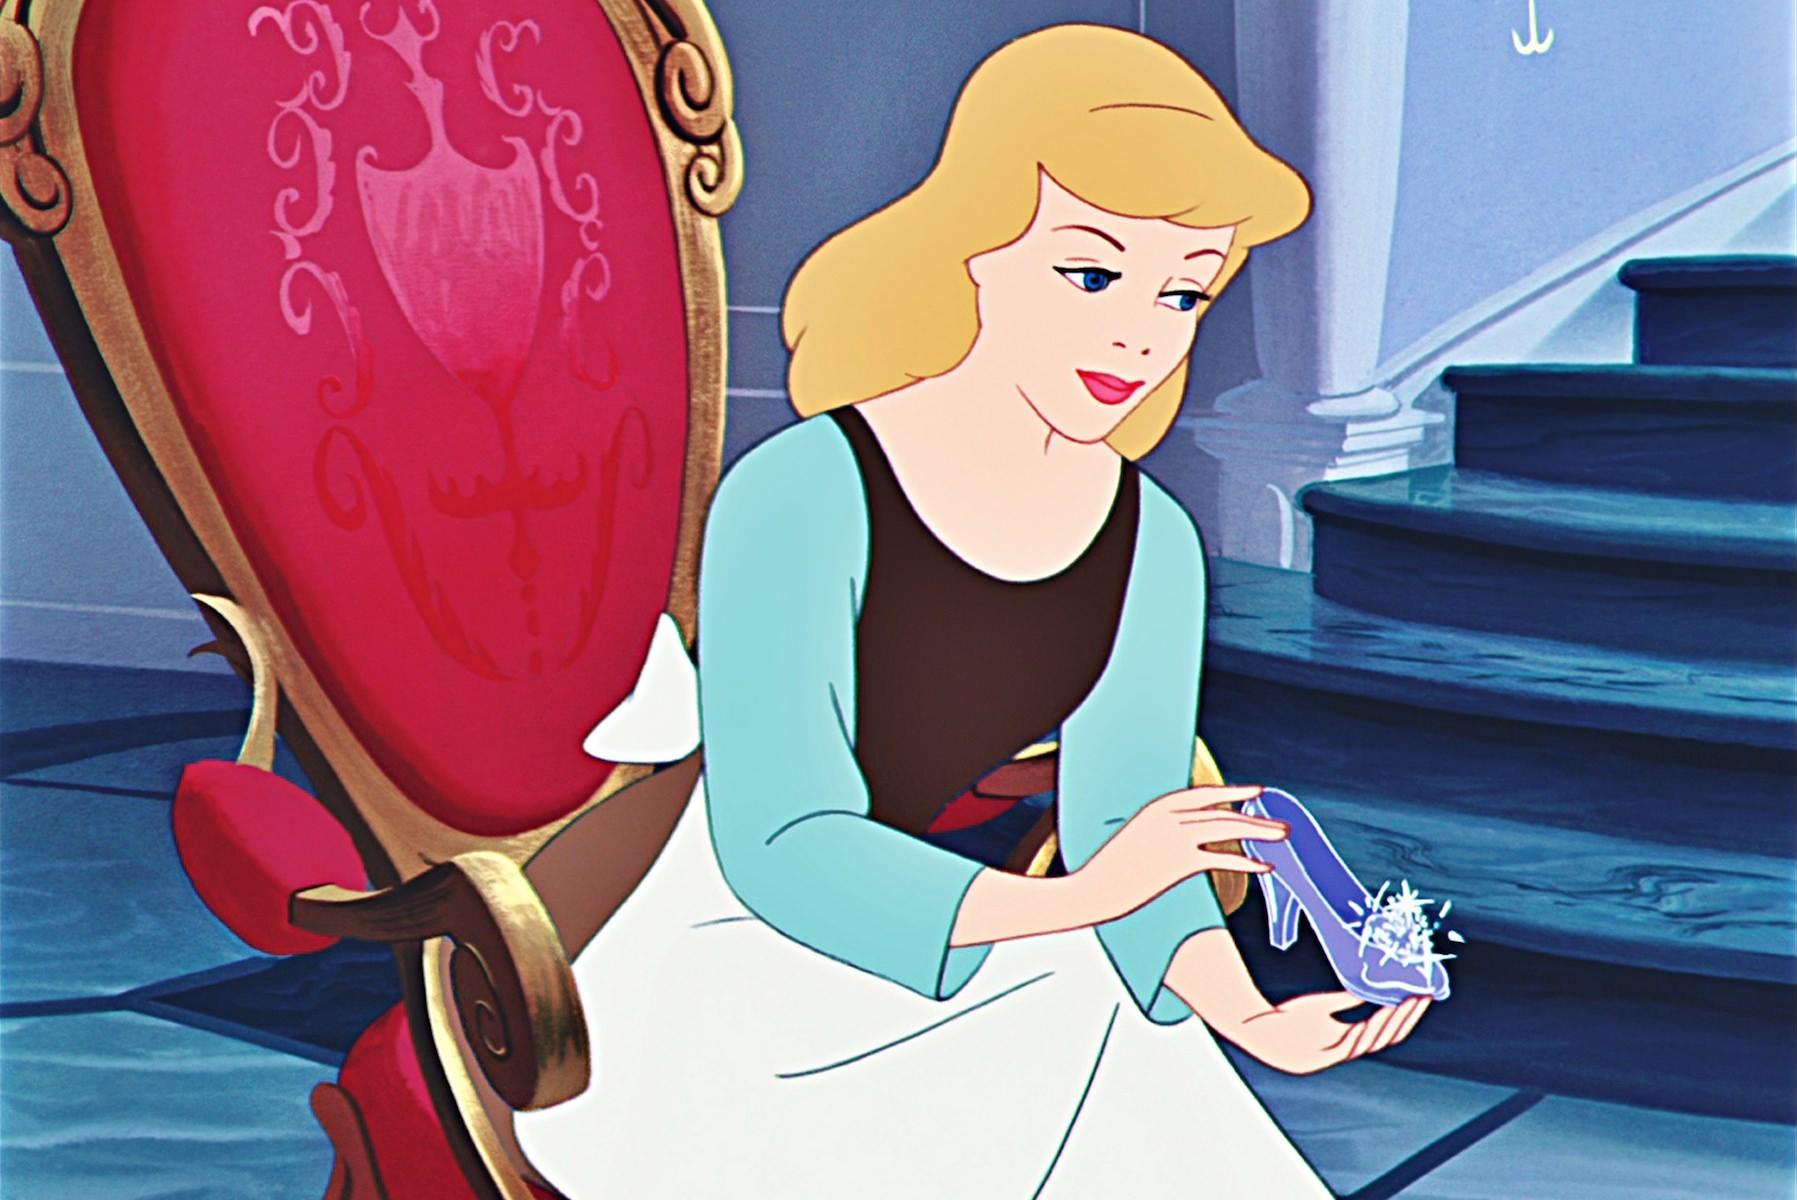 Disney cendrillon geronimi jackson luske